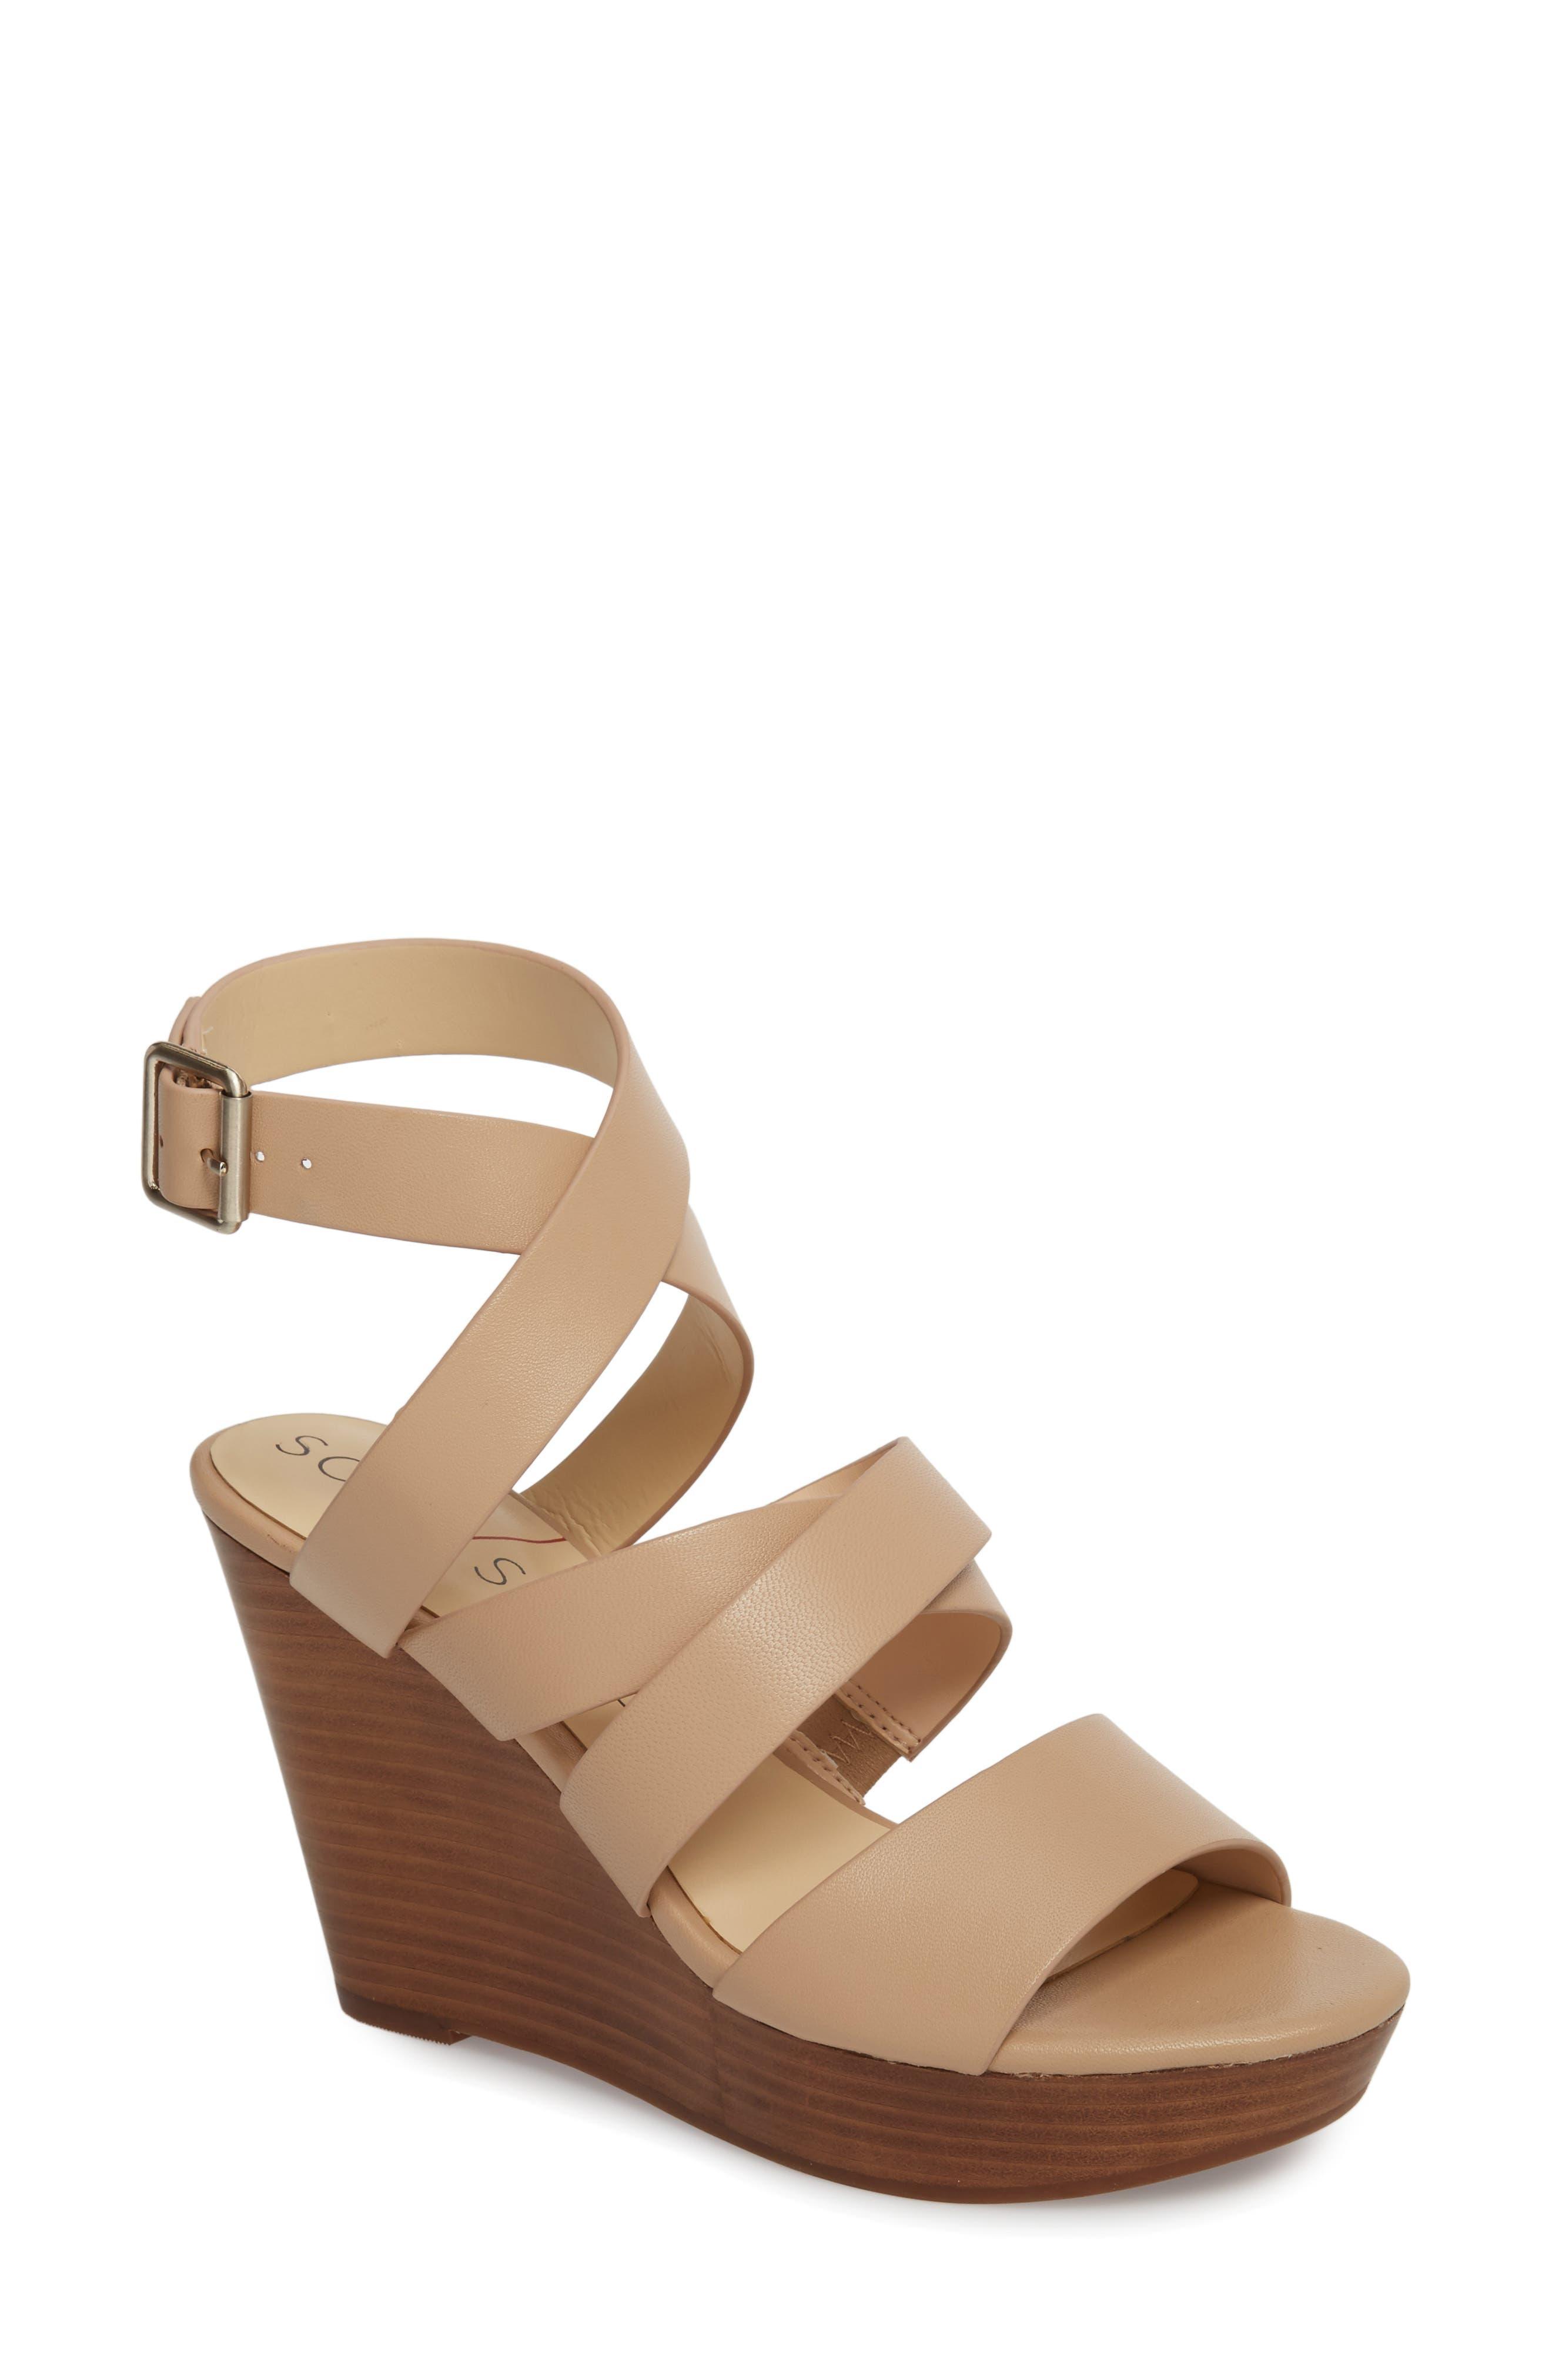 SOLE SOCIETY, Pippy Platform Sandal, Main thumbnail 1, color, TAN